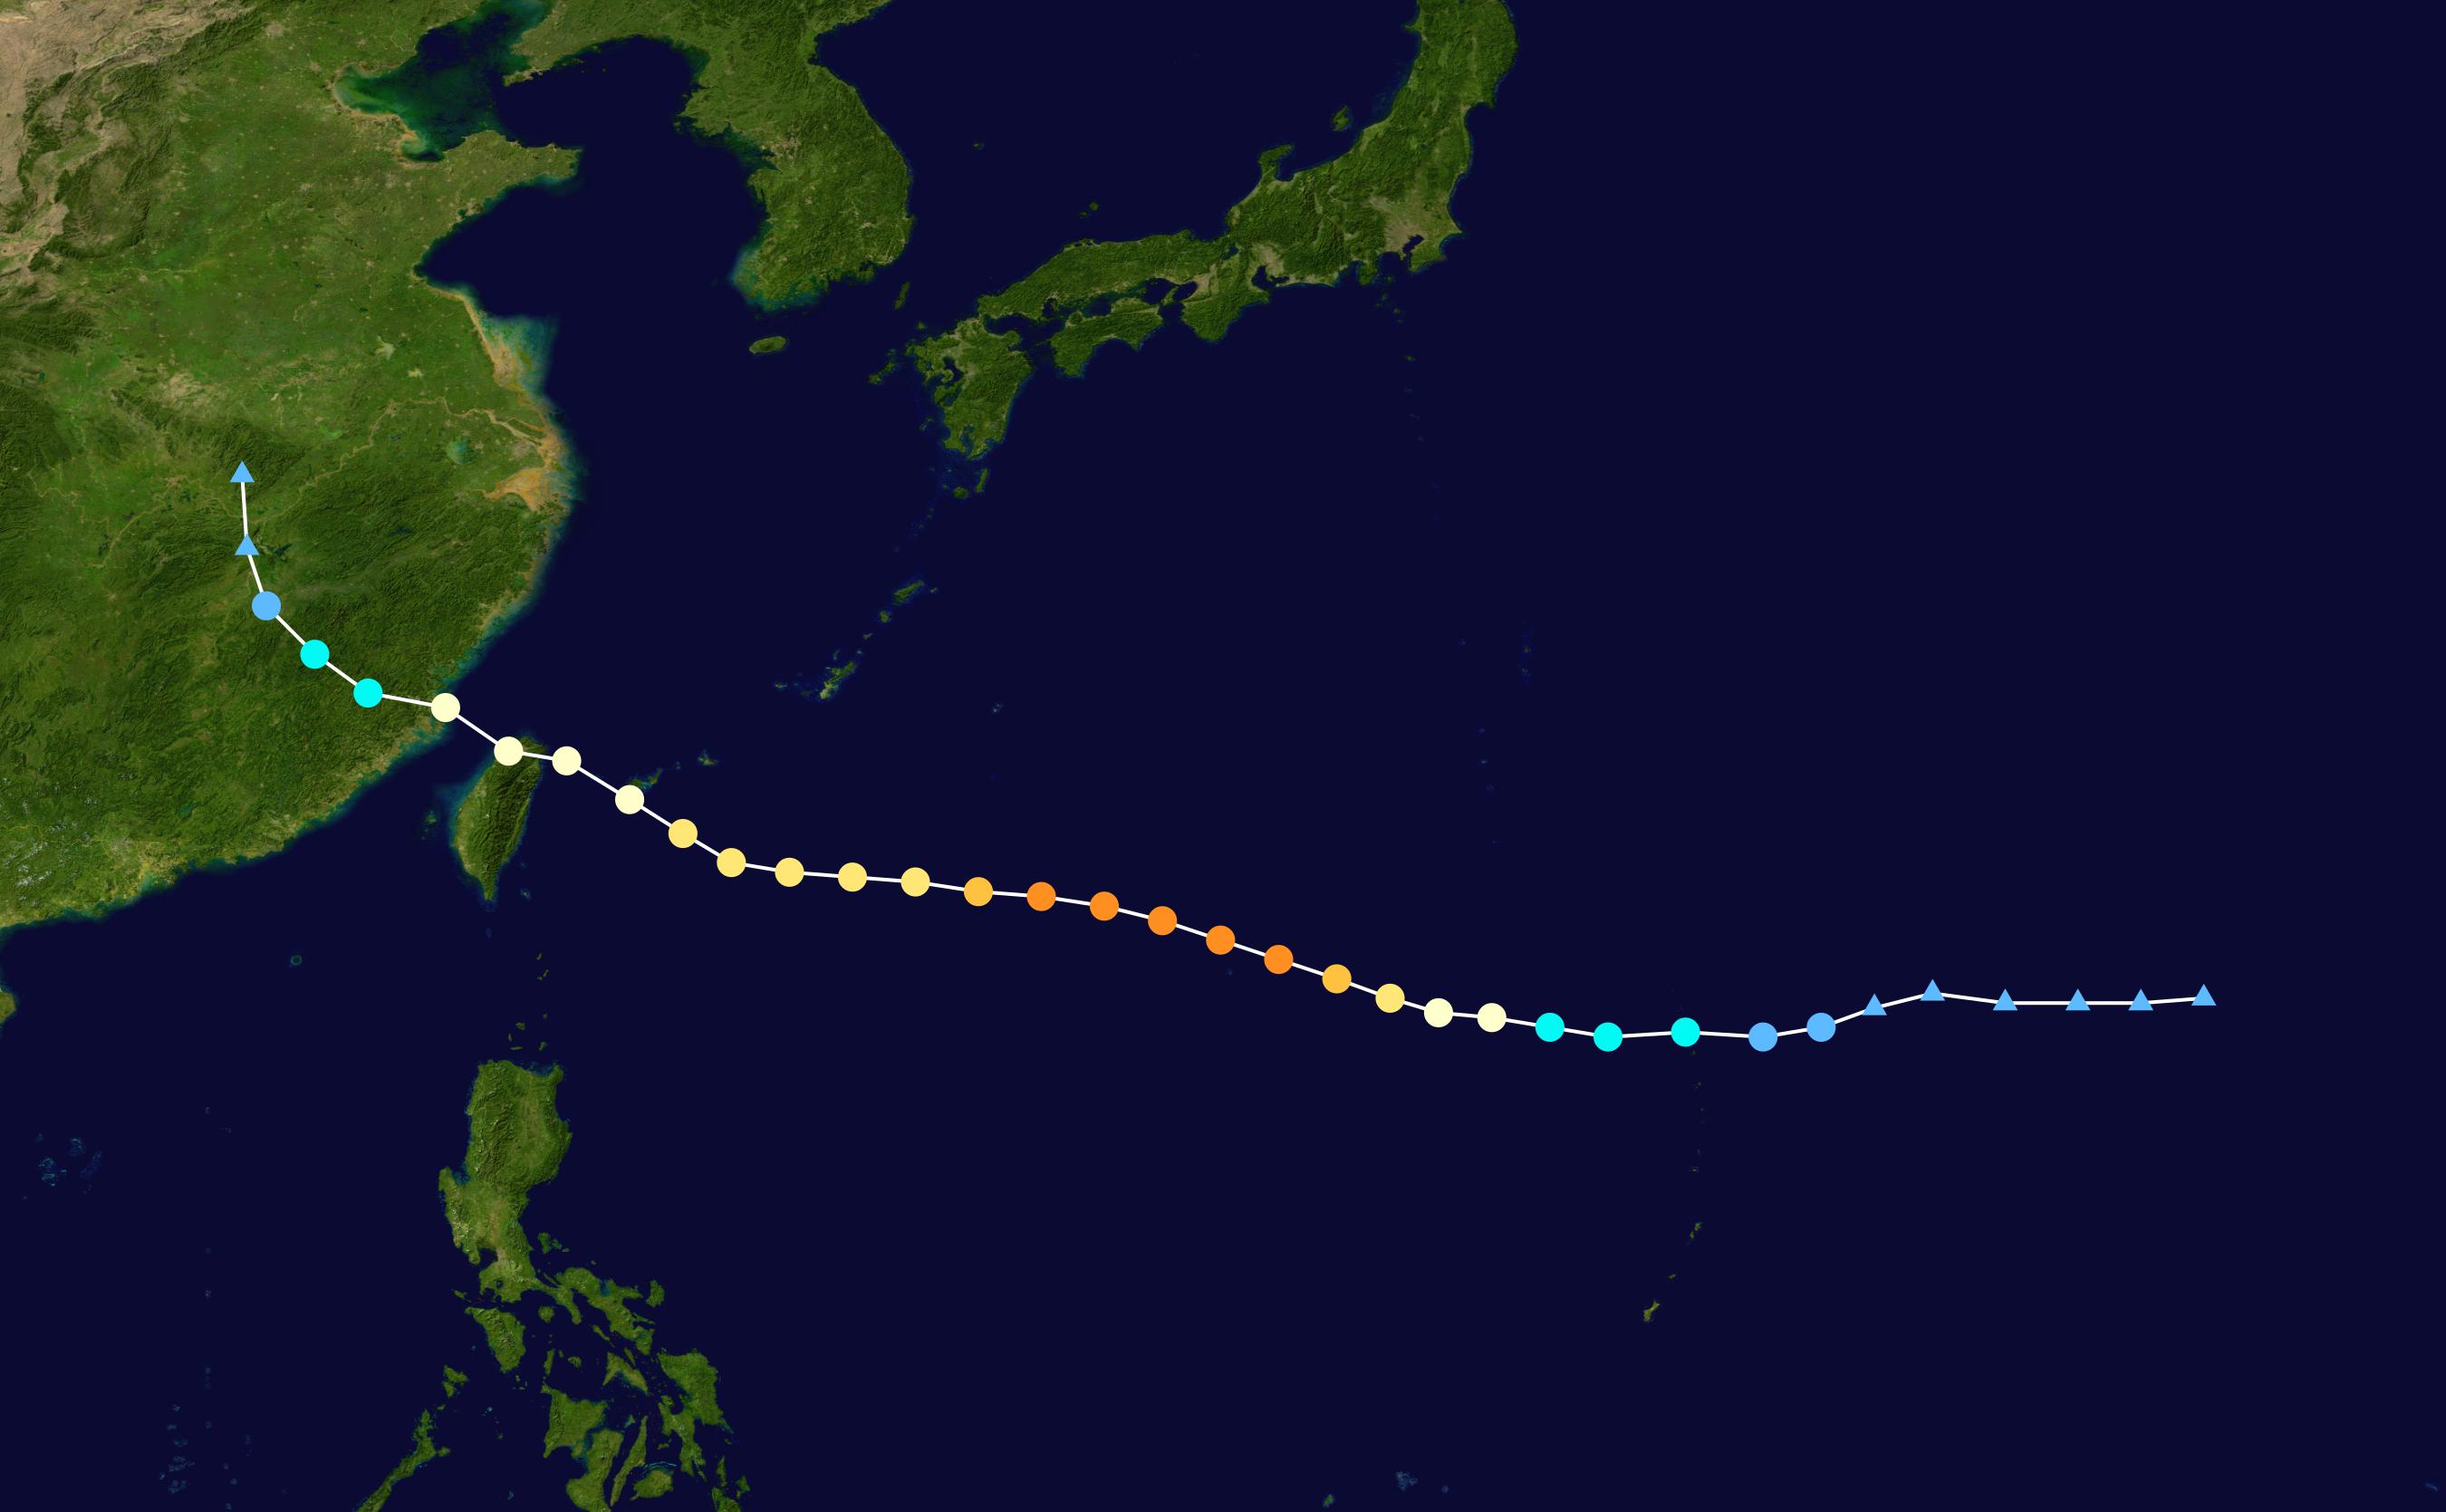 ASA公布一张苏力台风卫星影像图片